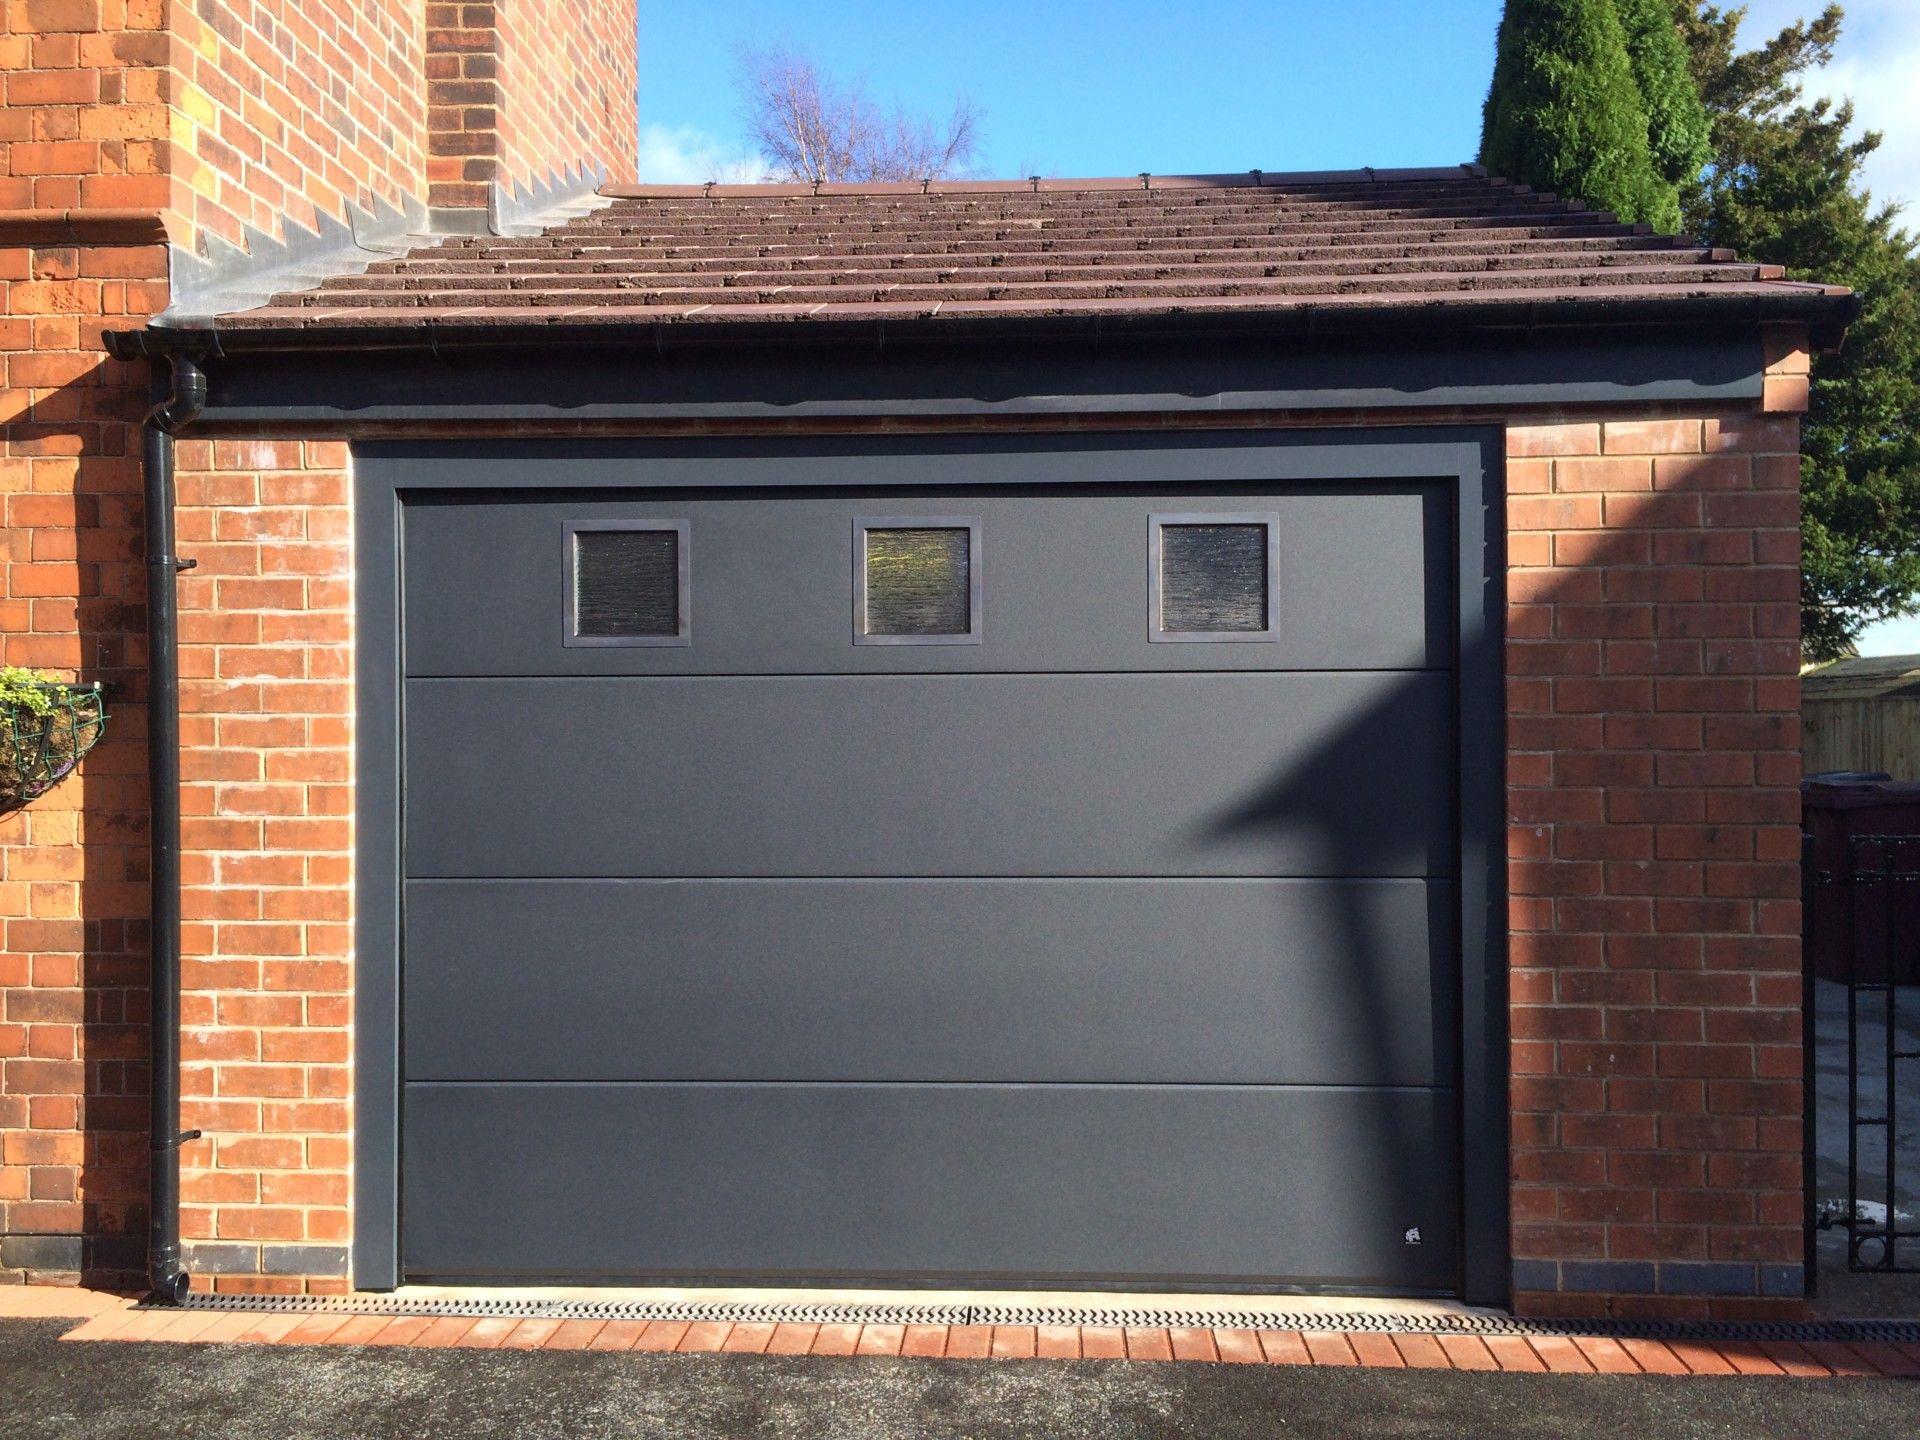 Garage door windows that open  Image result for s ribbed garage door with windows  Garage doors